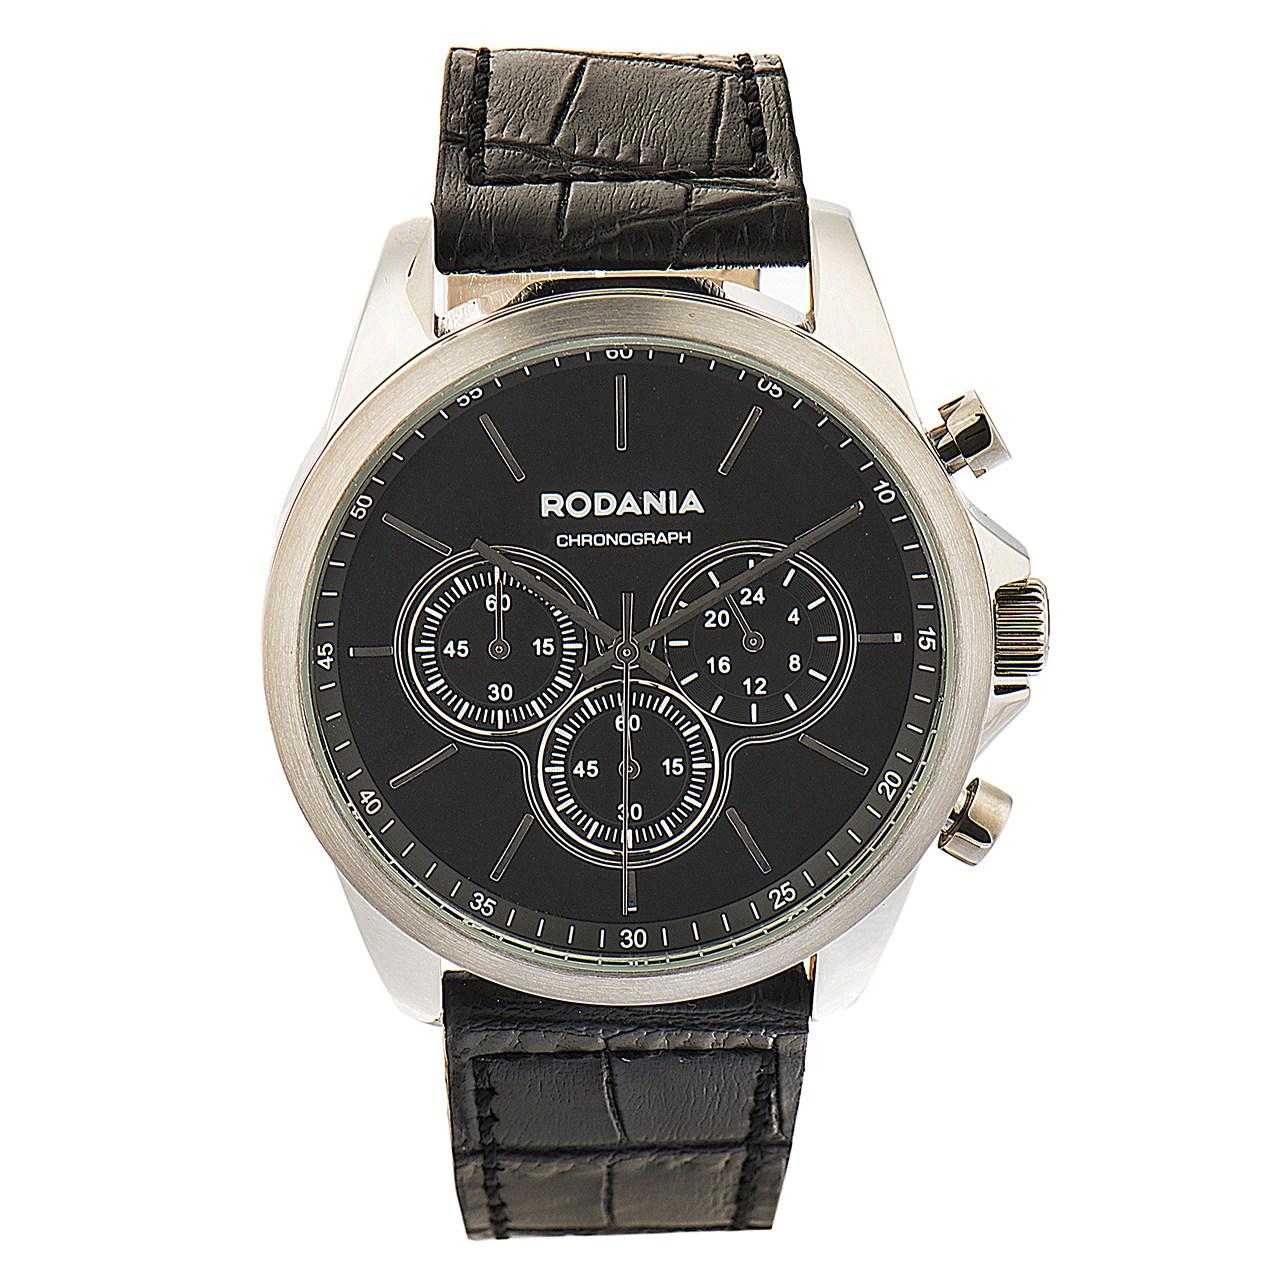 ساعت مچی عقربهای مردانه رودانیا مدل R.2616926 54